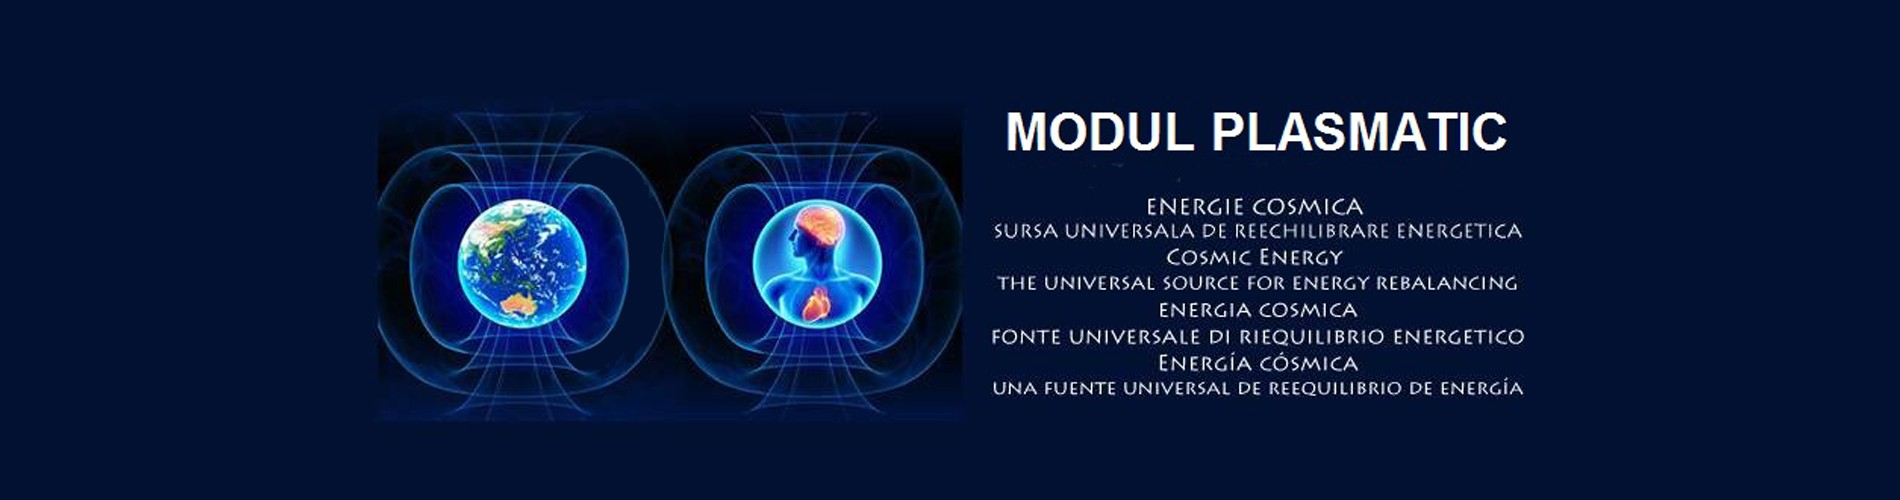 modul plasmatic